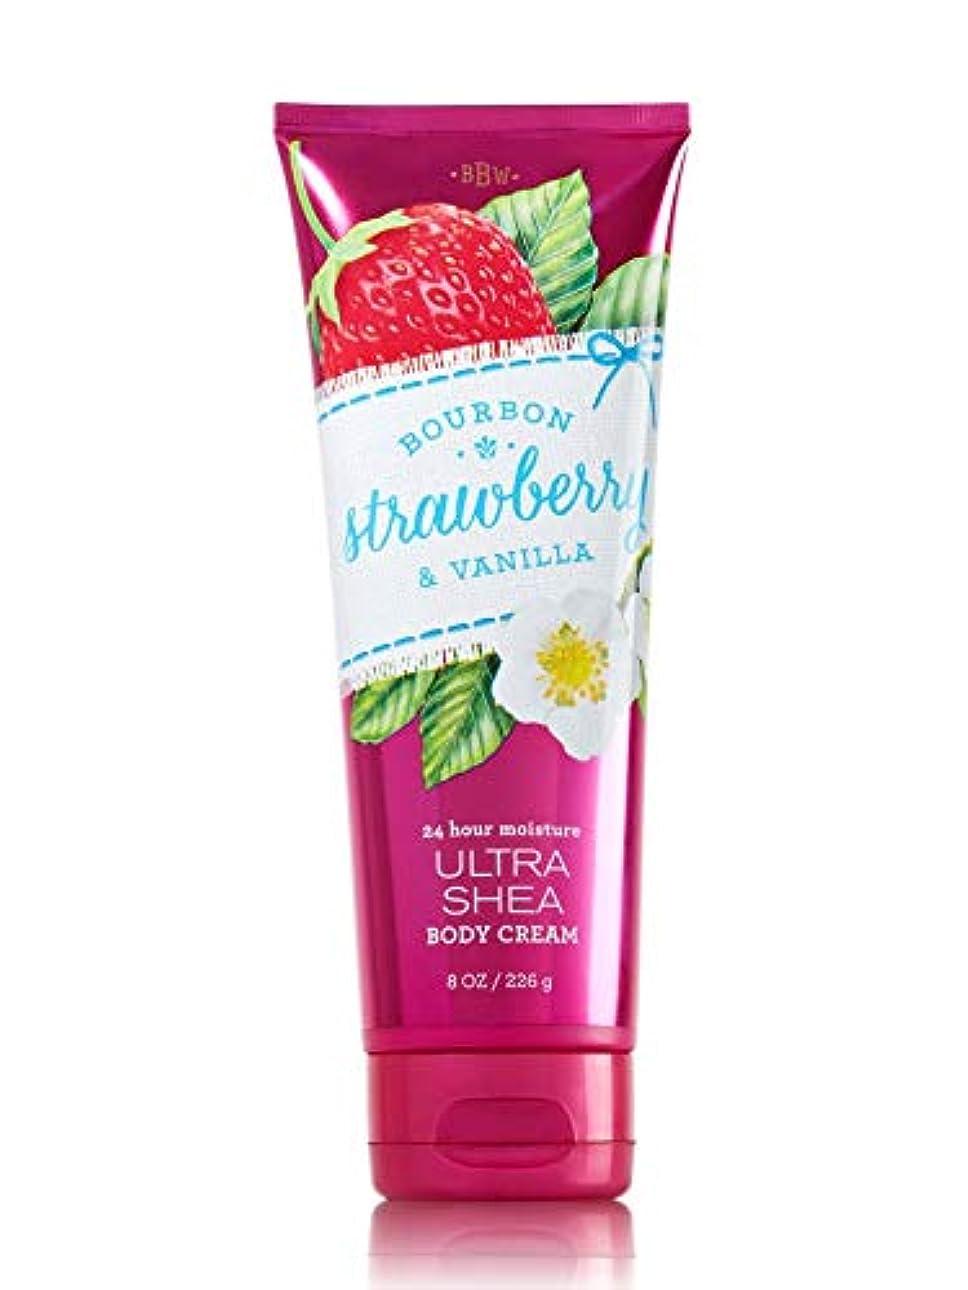 抱擁欠陥法廷【Bath&Body Works/バス&ボディワークス】 ボディクリーム ブルボンストロベリー&バニラ Body Cream Bourbon Strawberry & Vanilla 8 oz / 226 g [並行輸入品]